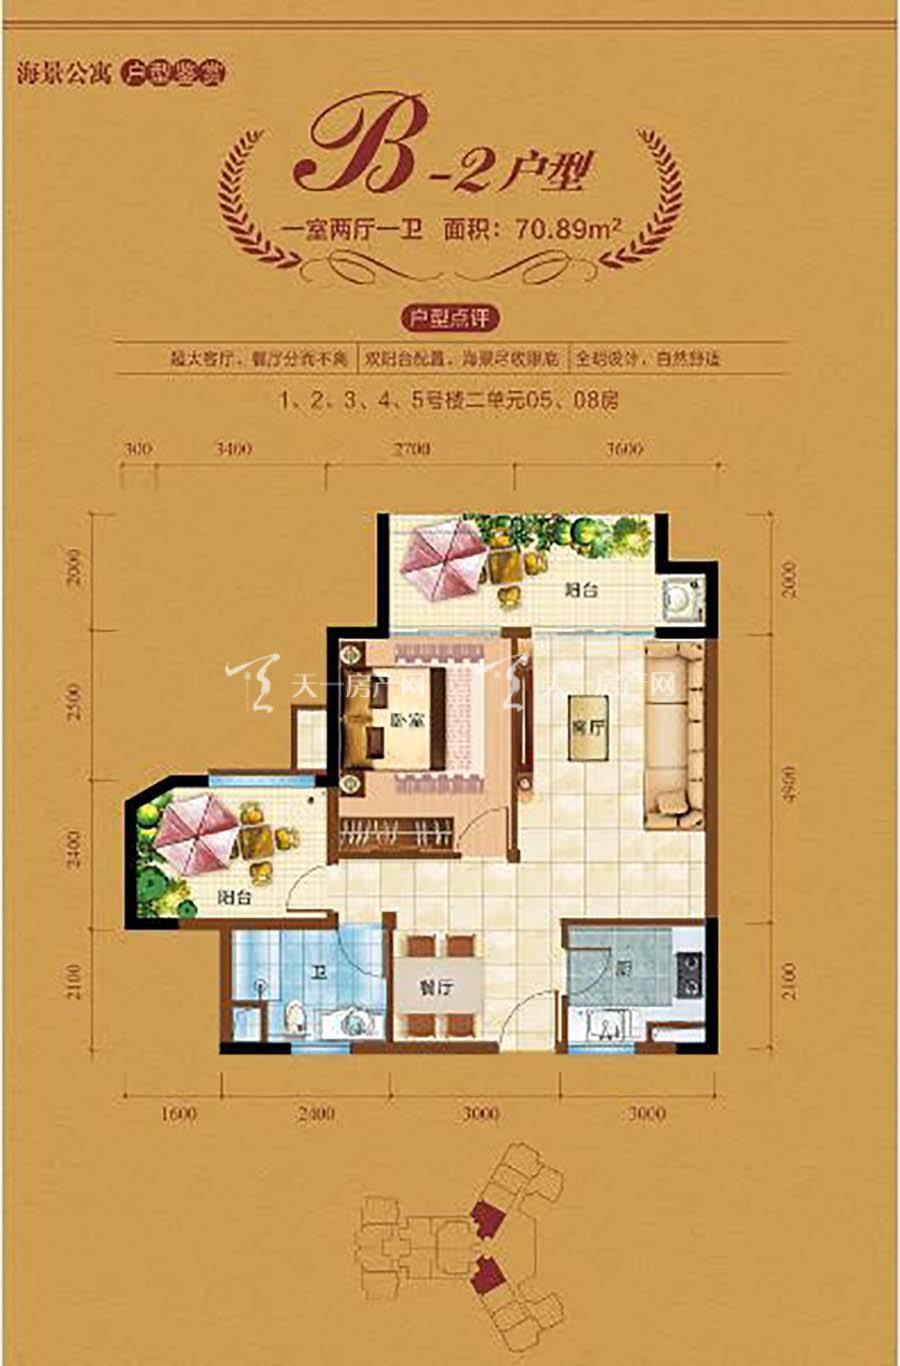 中视金海湾二期B2户型/1房2厅1卫/建筑面积:约70.89㎡